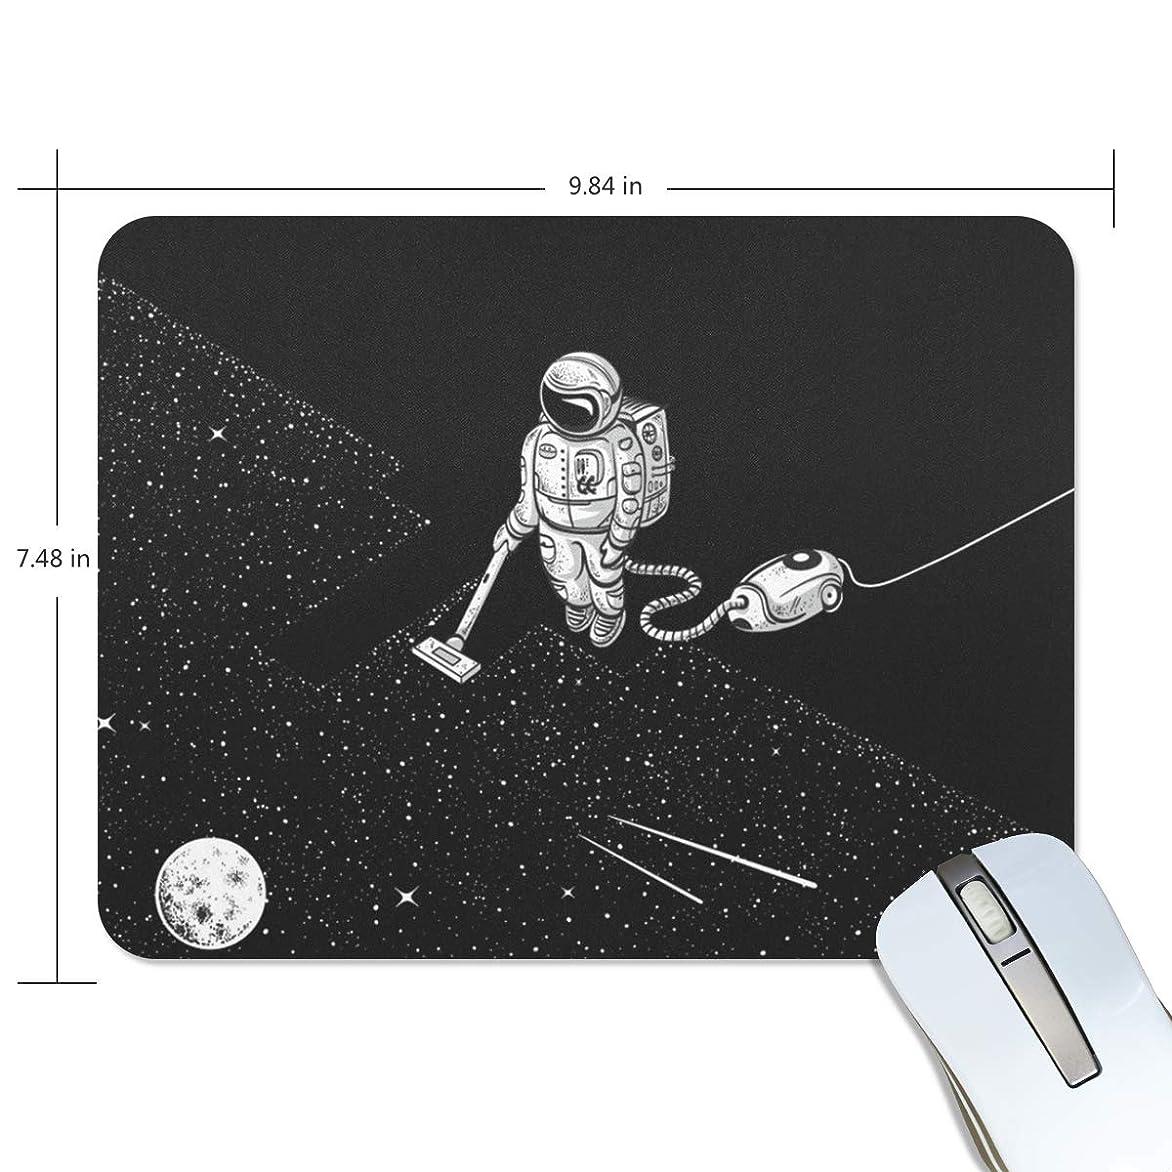 持ってるマーキング裂け目宇宙飛行士 ギャラクシーマウスパッド ゲーミングマウス ゲームパッド ゲームプレイマット ワイヤレスマウスパッド オフィス最適 高級感 おしゃれ 流行 防水 耐久性が良い 滑り止めゴム底 滑りやすい表面 マウスの精密度を上がる